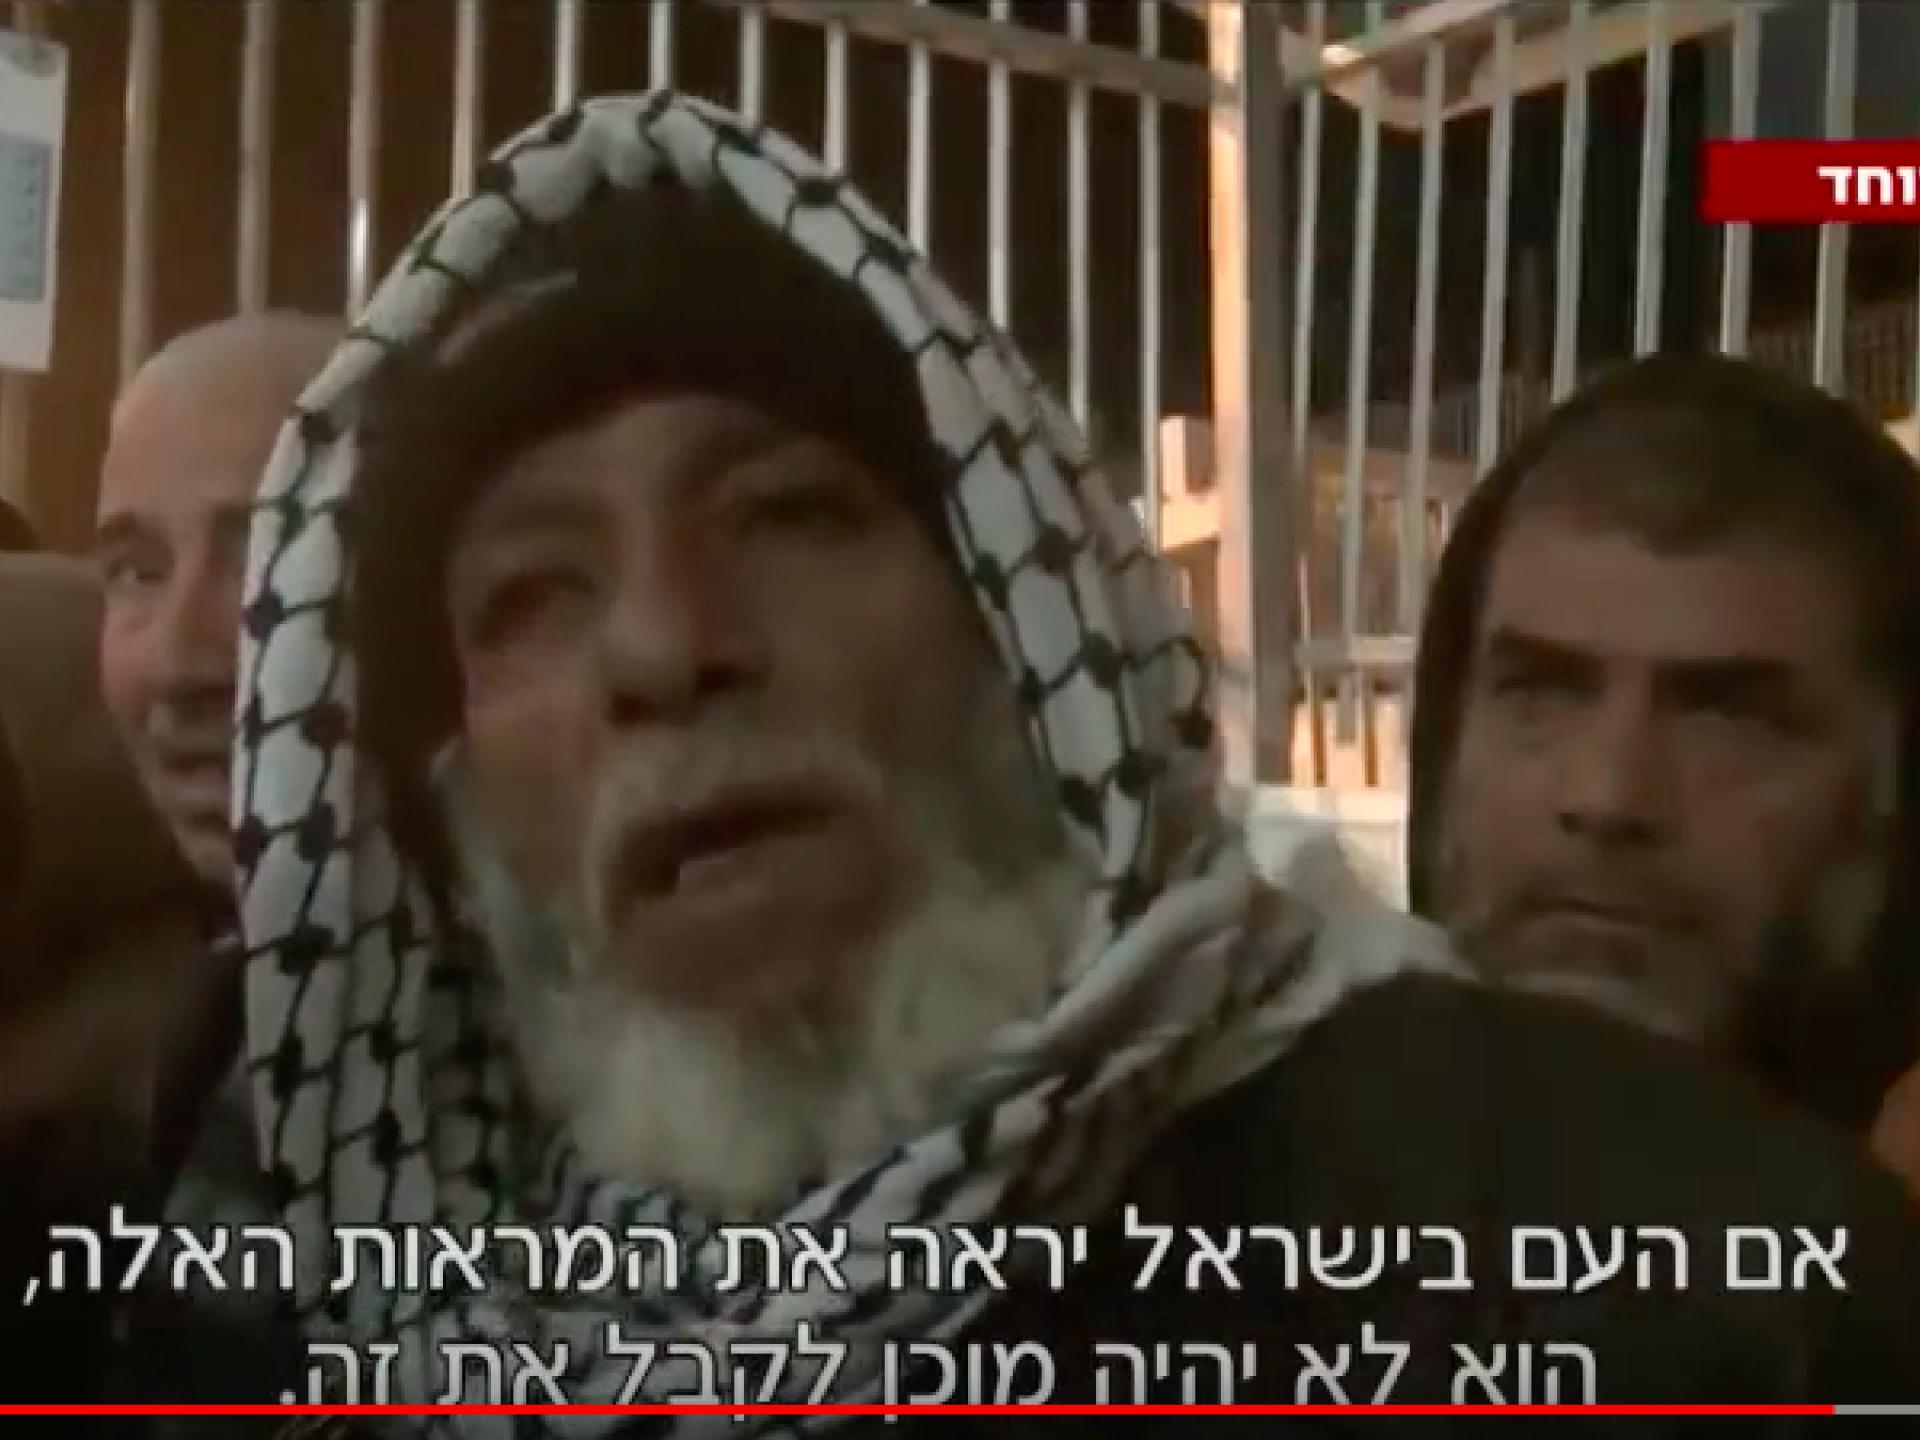 פלסטיני במחסום משוכנע שהישראלים לא יודעים מה קורה במחסומים